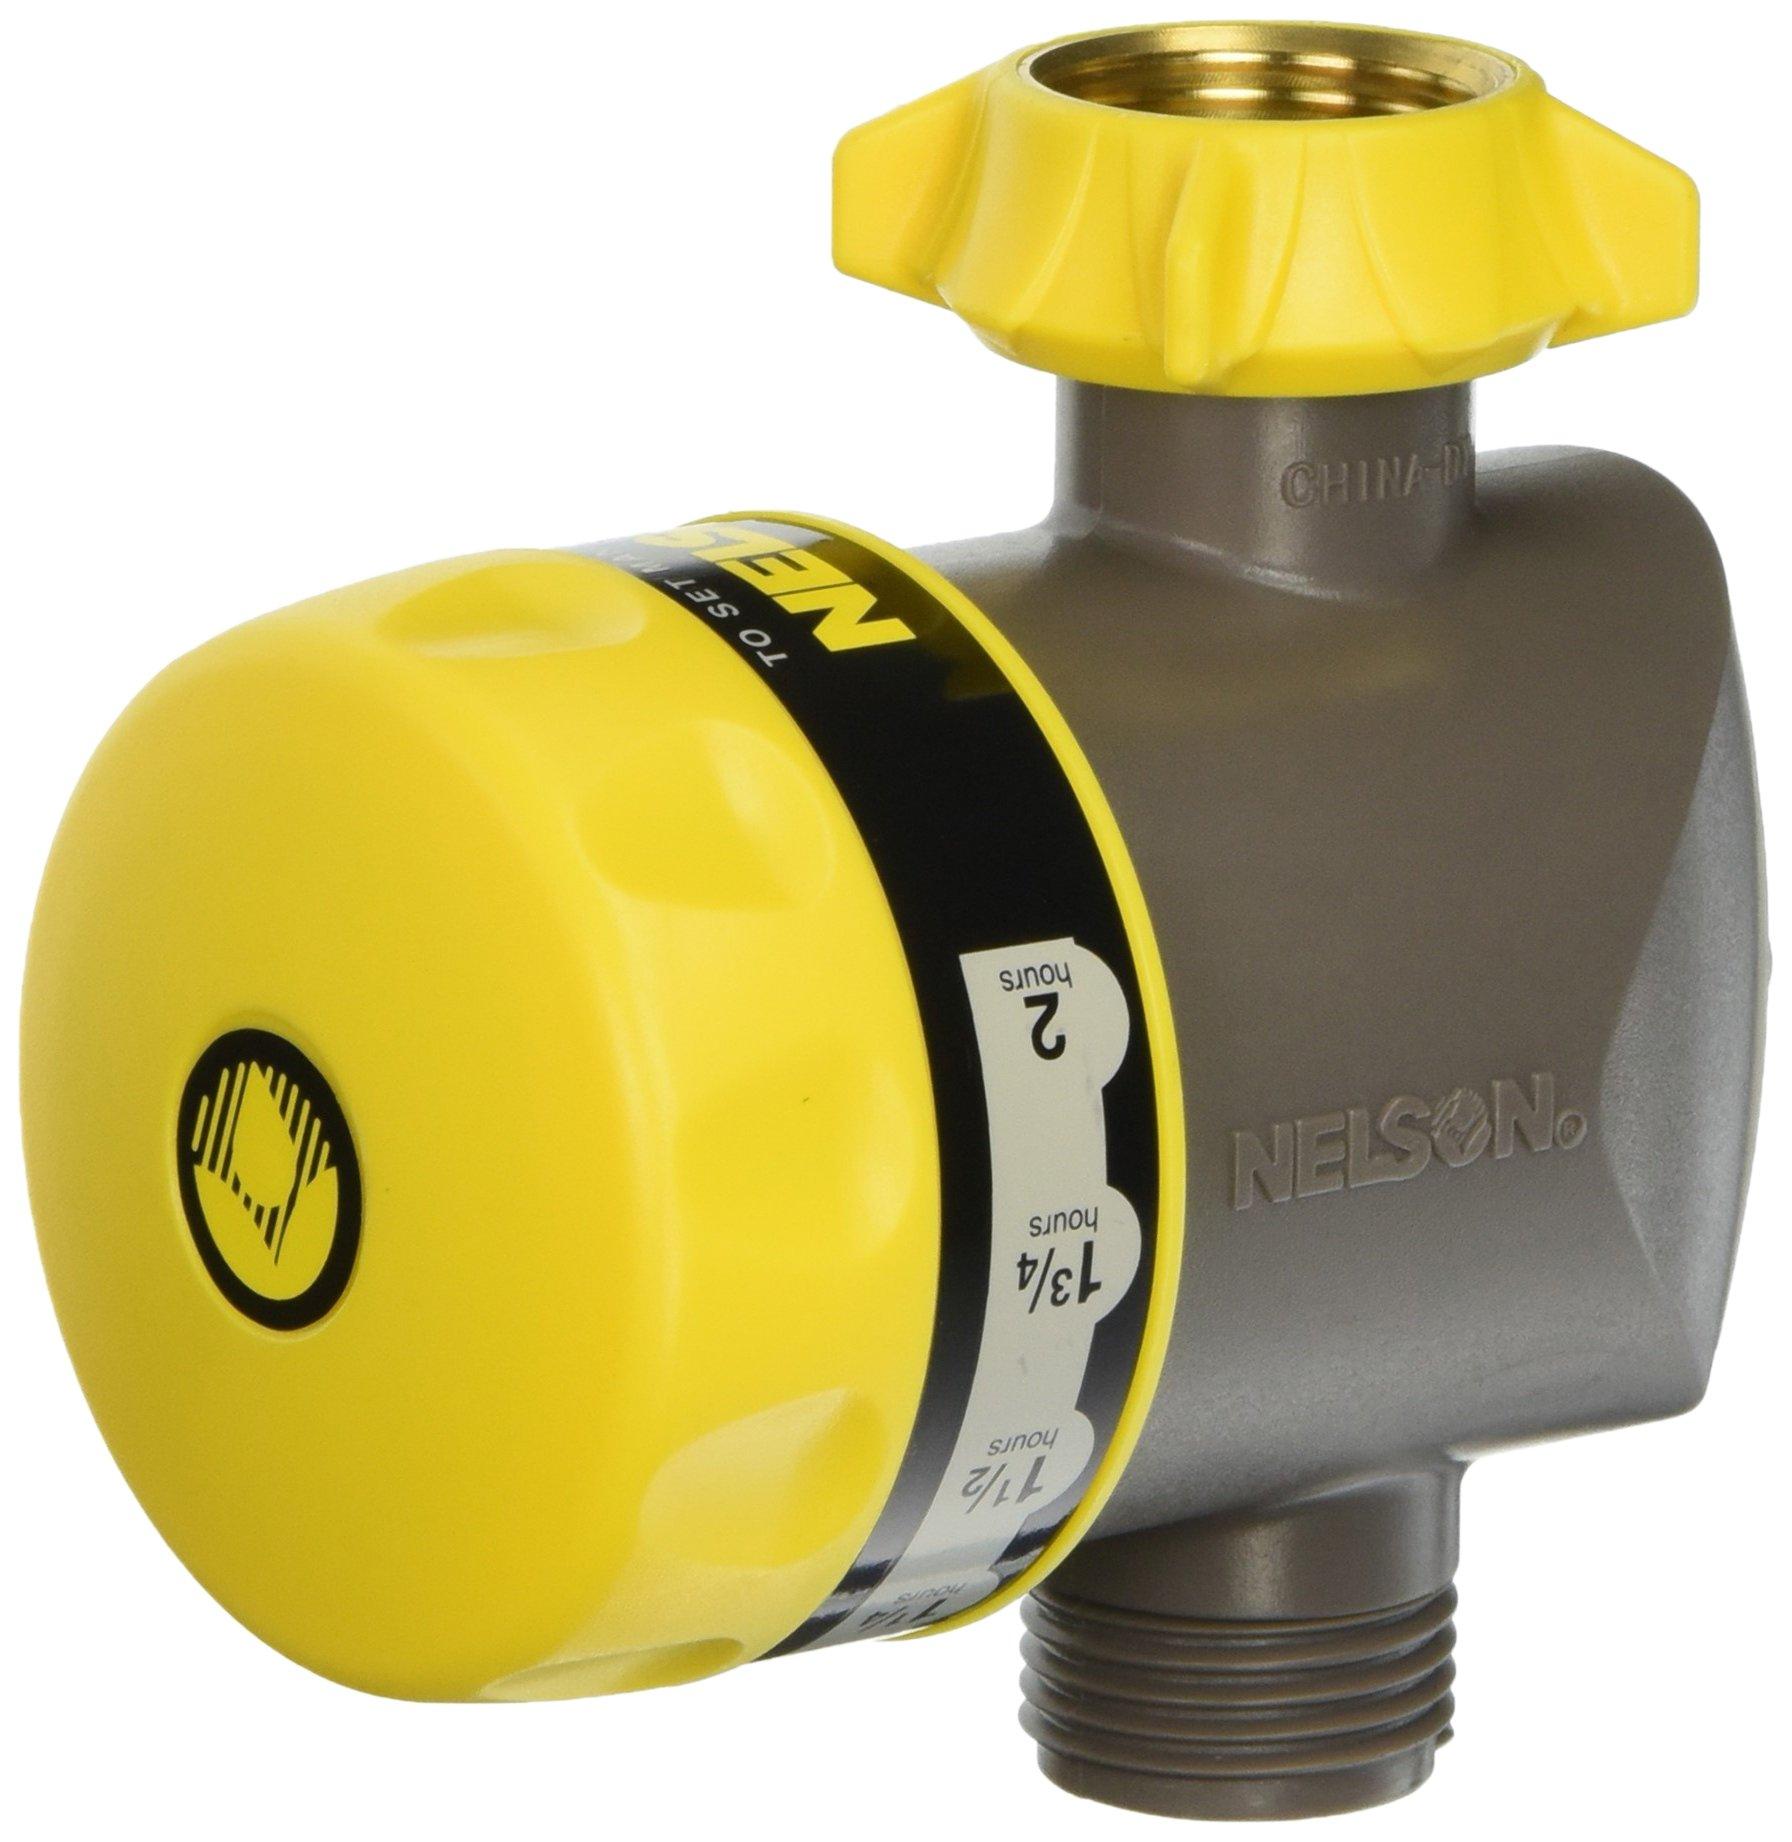 Nelson 56600 Shut-Off Water Timer